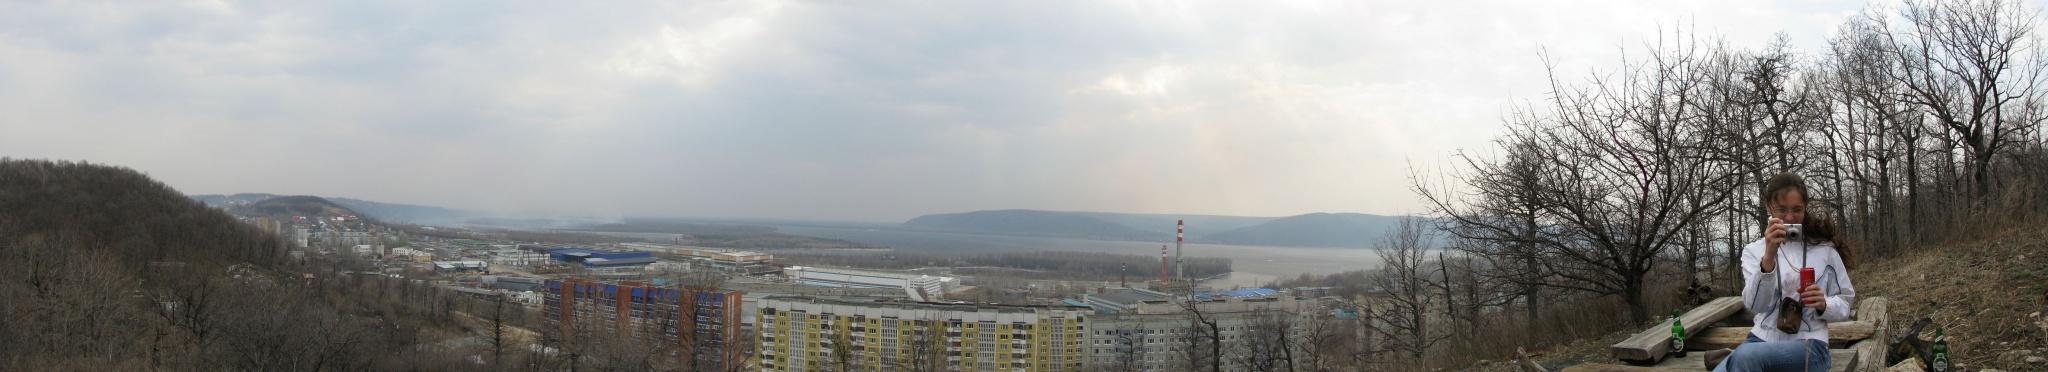 Панорама с видом на первый квартал и Волгу. 5500x1000px.